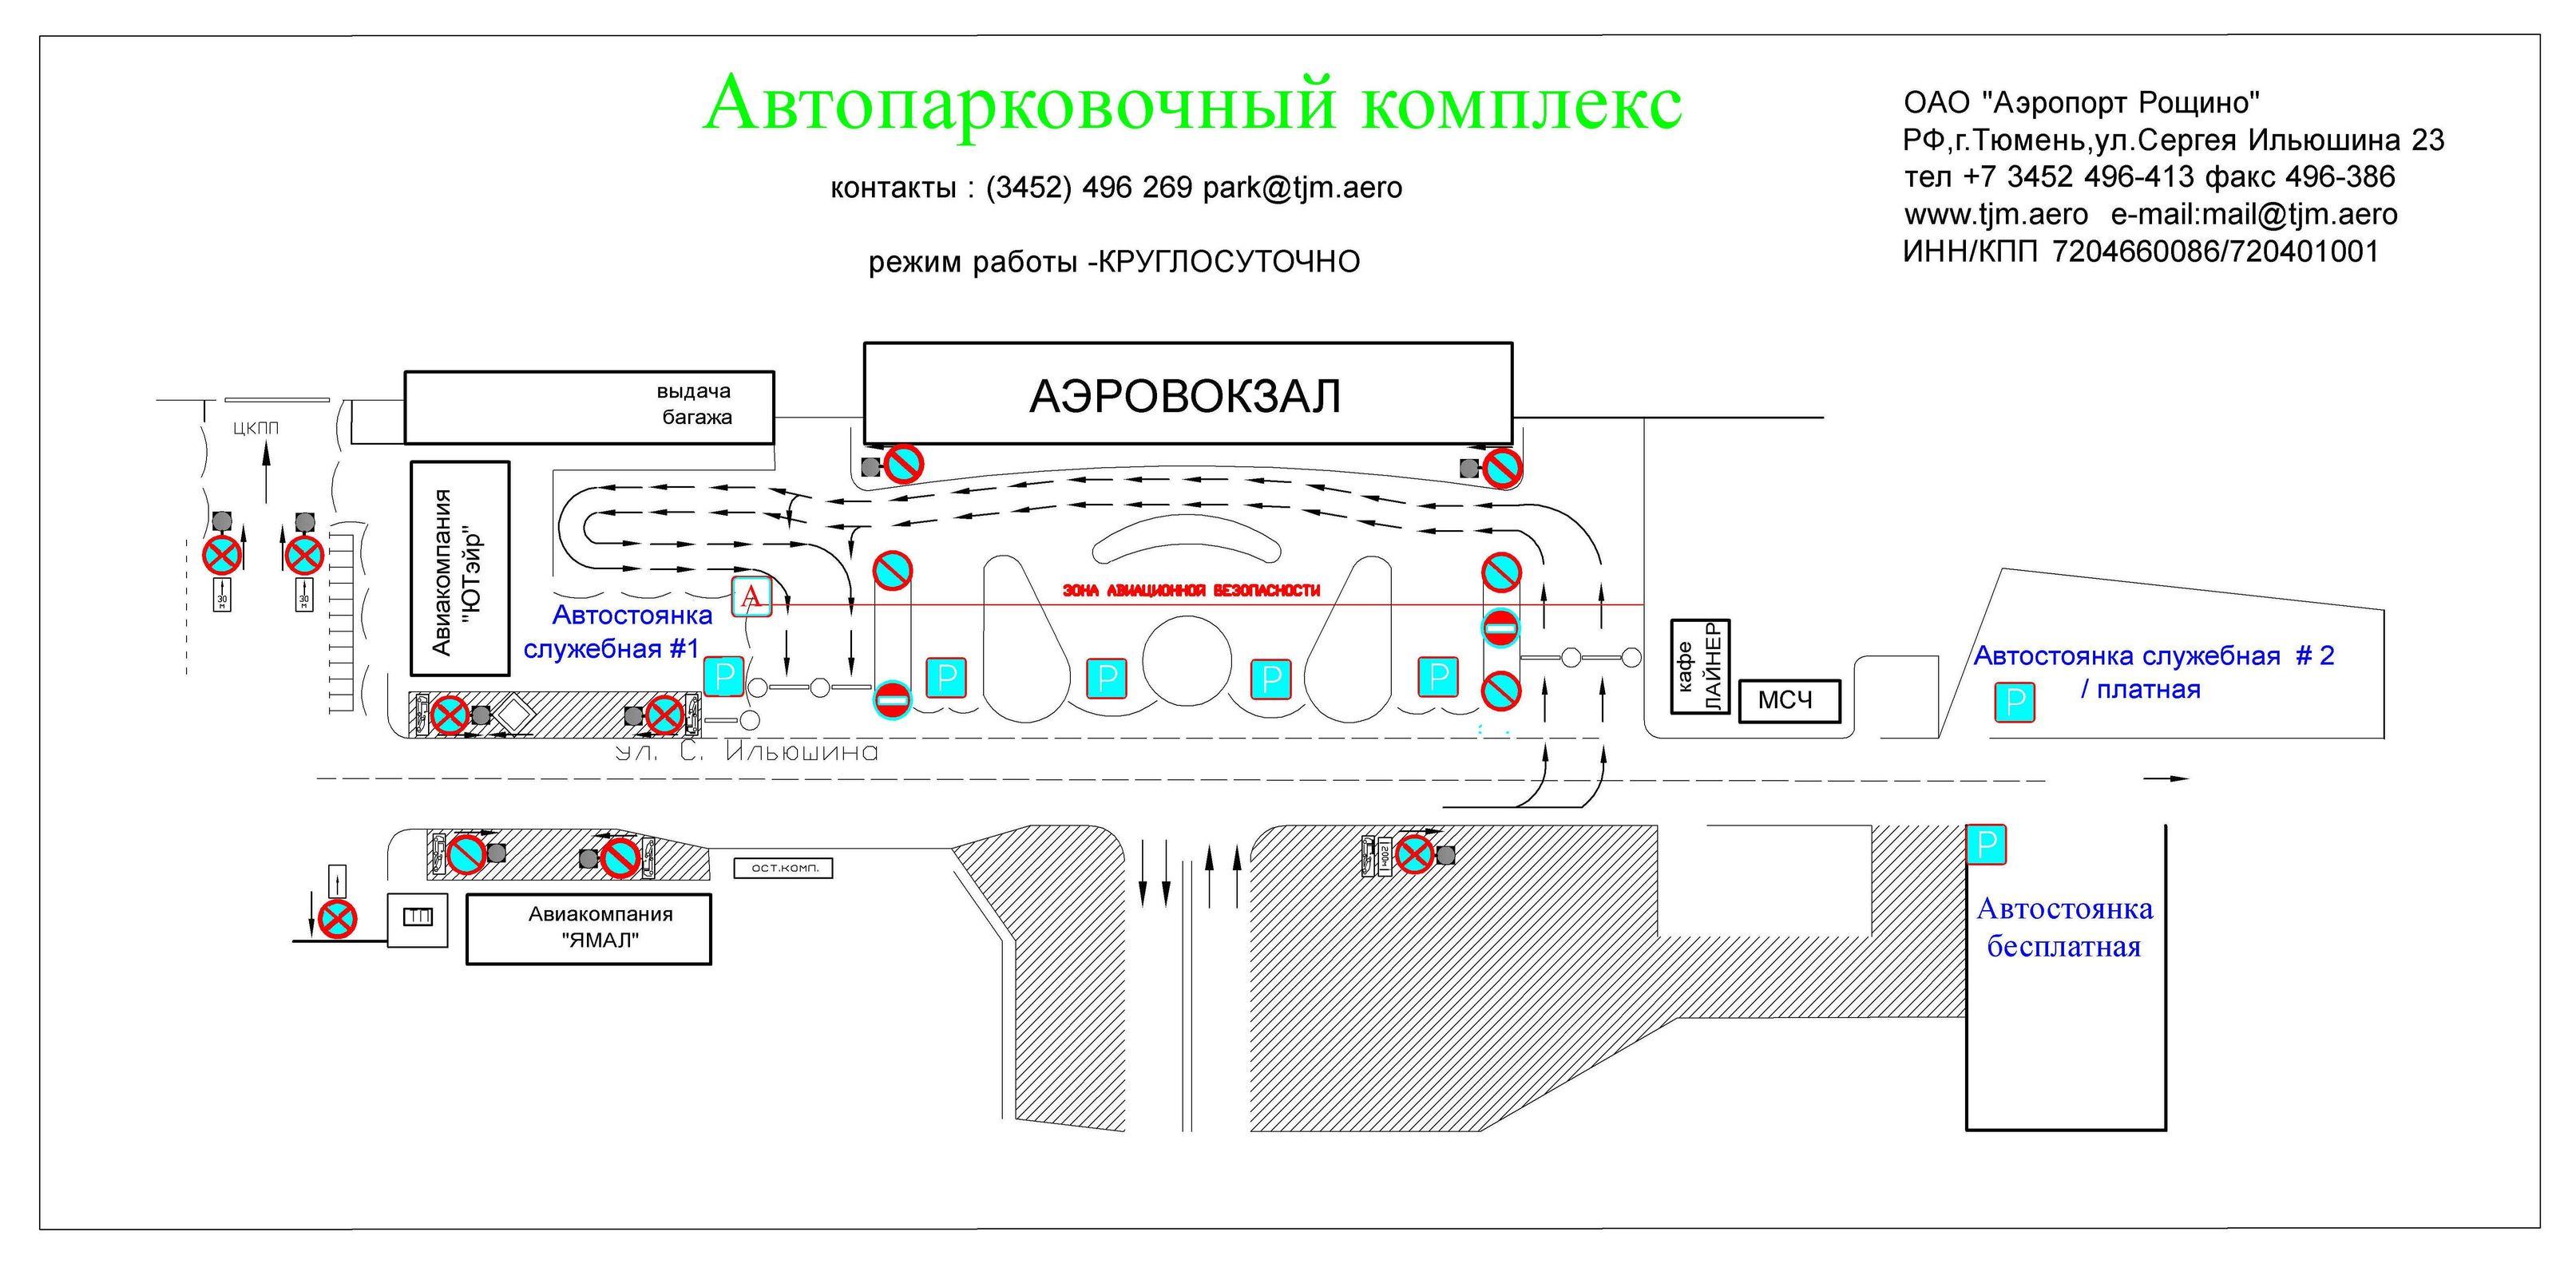 Аэропорт Рощино в г. Тюмень - адрес, схема проезда 976